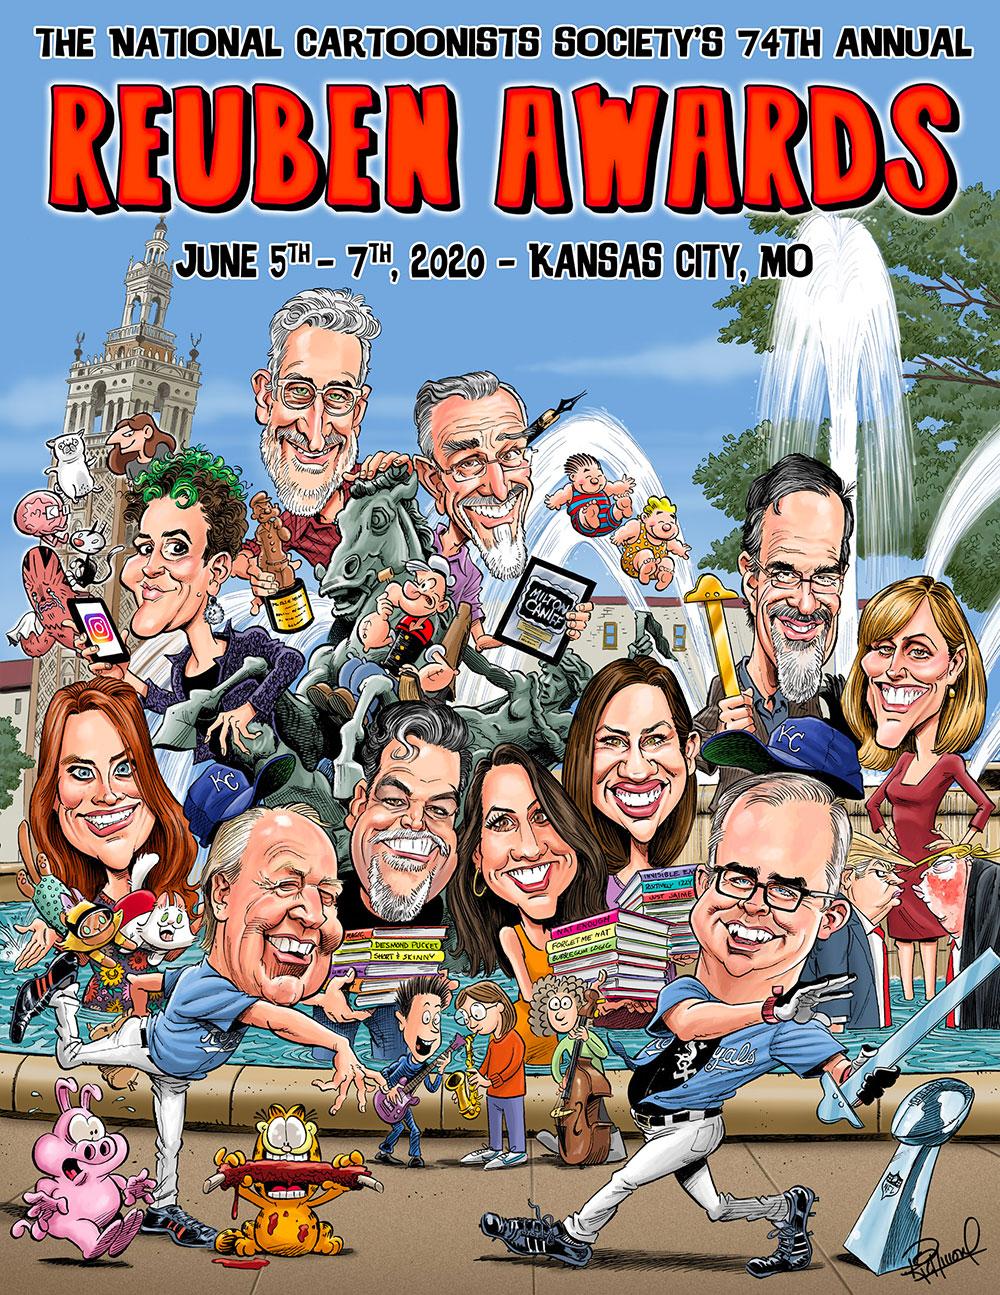 Kansas City 2020 | National Cartoonists Society